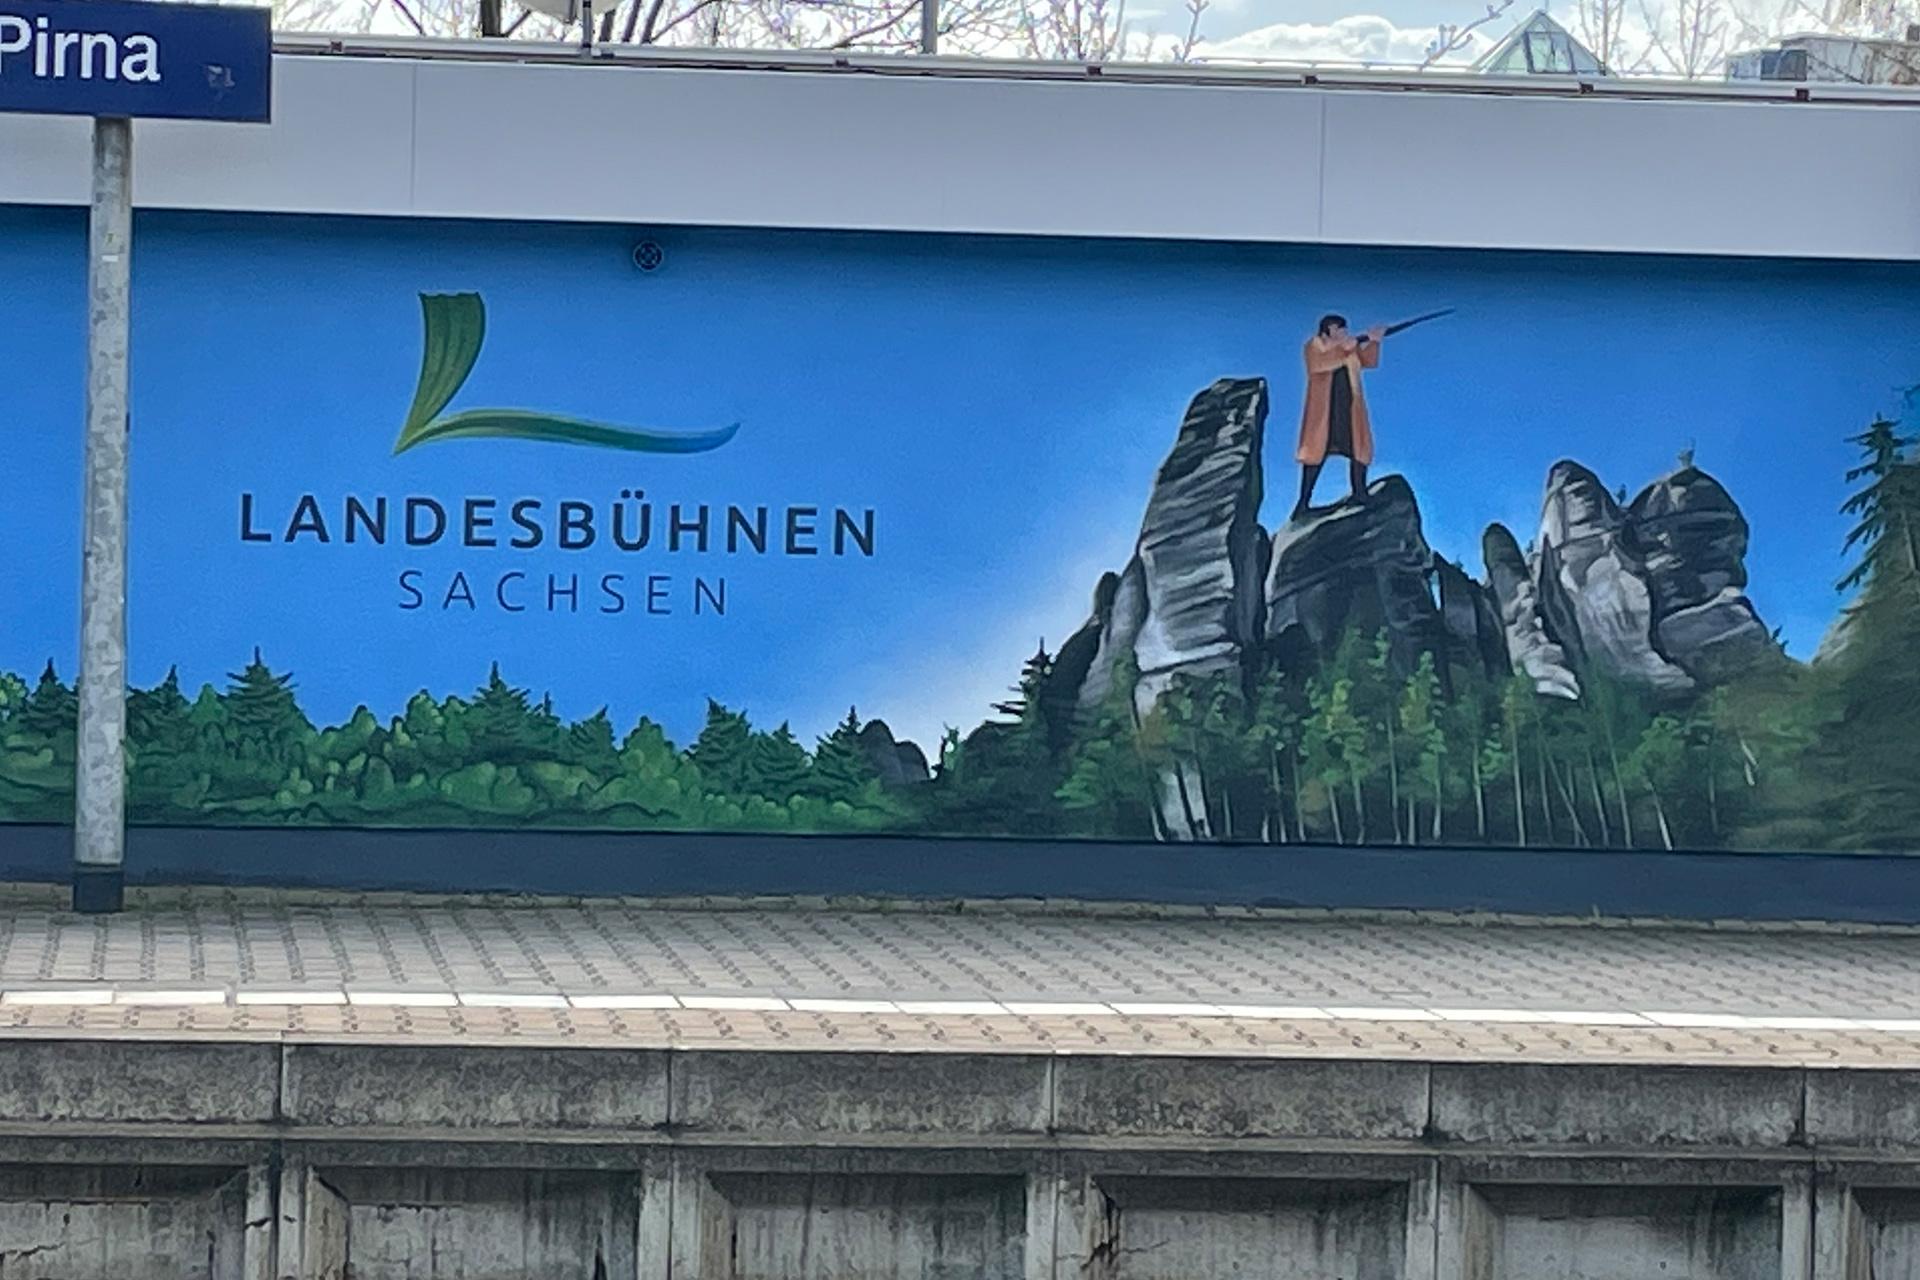 Landesbühnen Sachsen - Fassade am Pirnaer Bahnhof - Felsenbühne Rathen - Der Freischütz